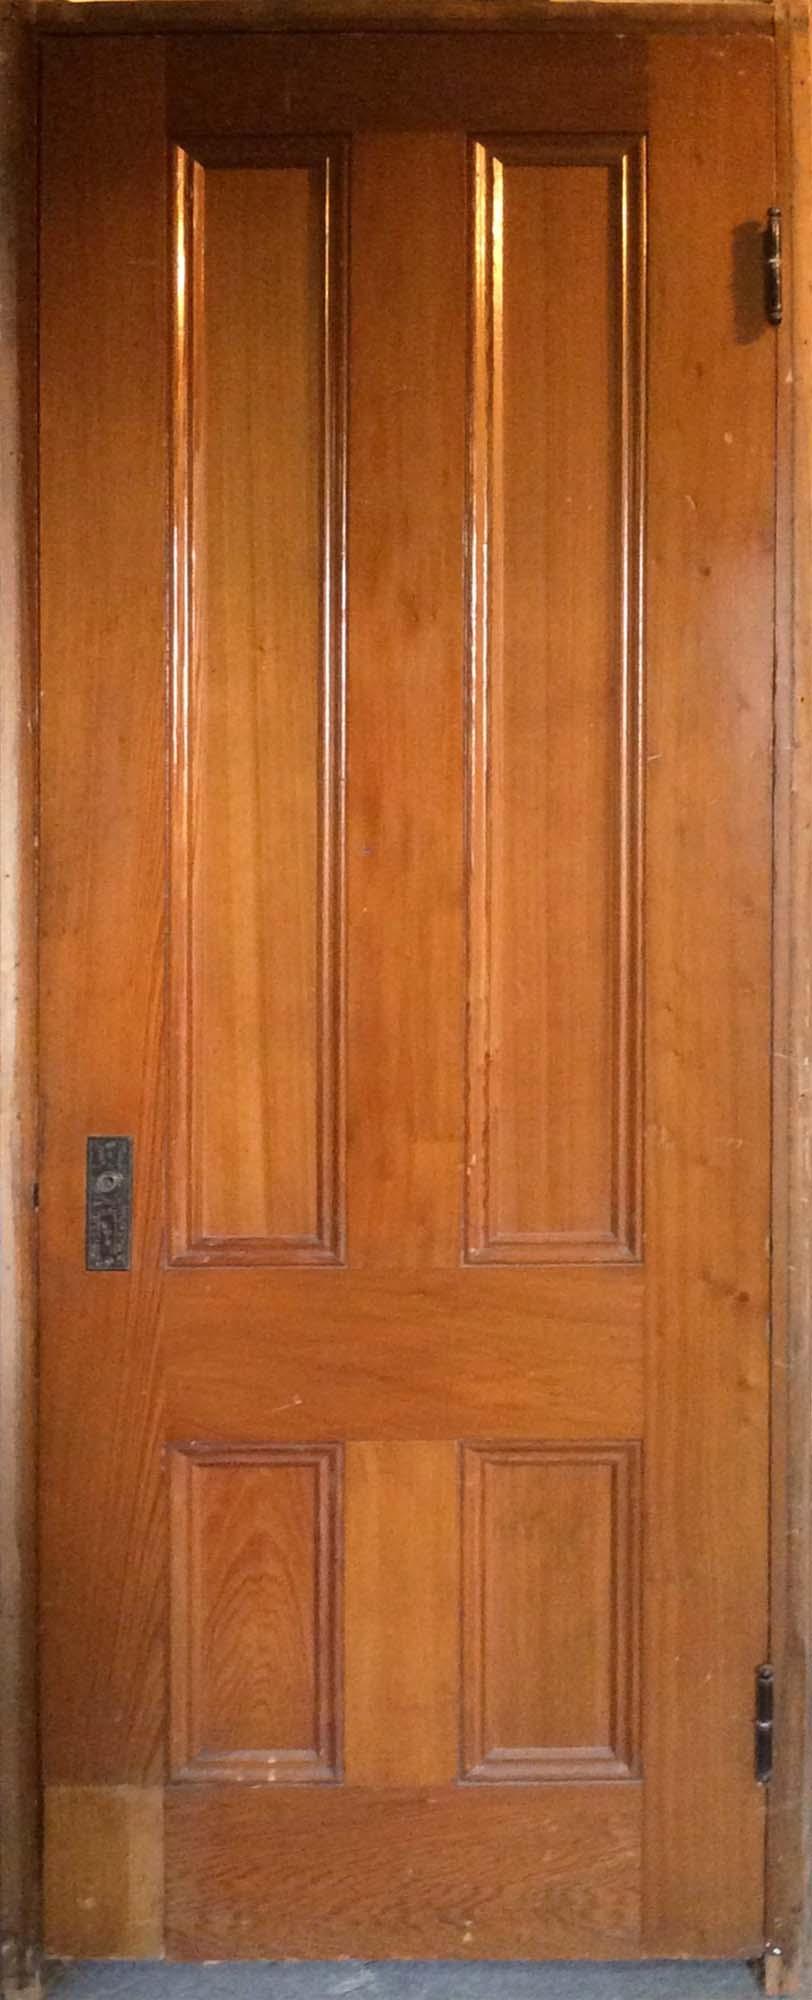 Natural Varnished 4-Panel Door